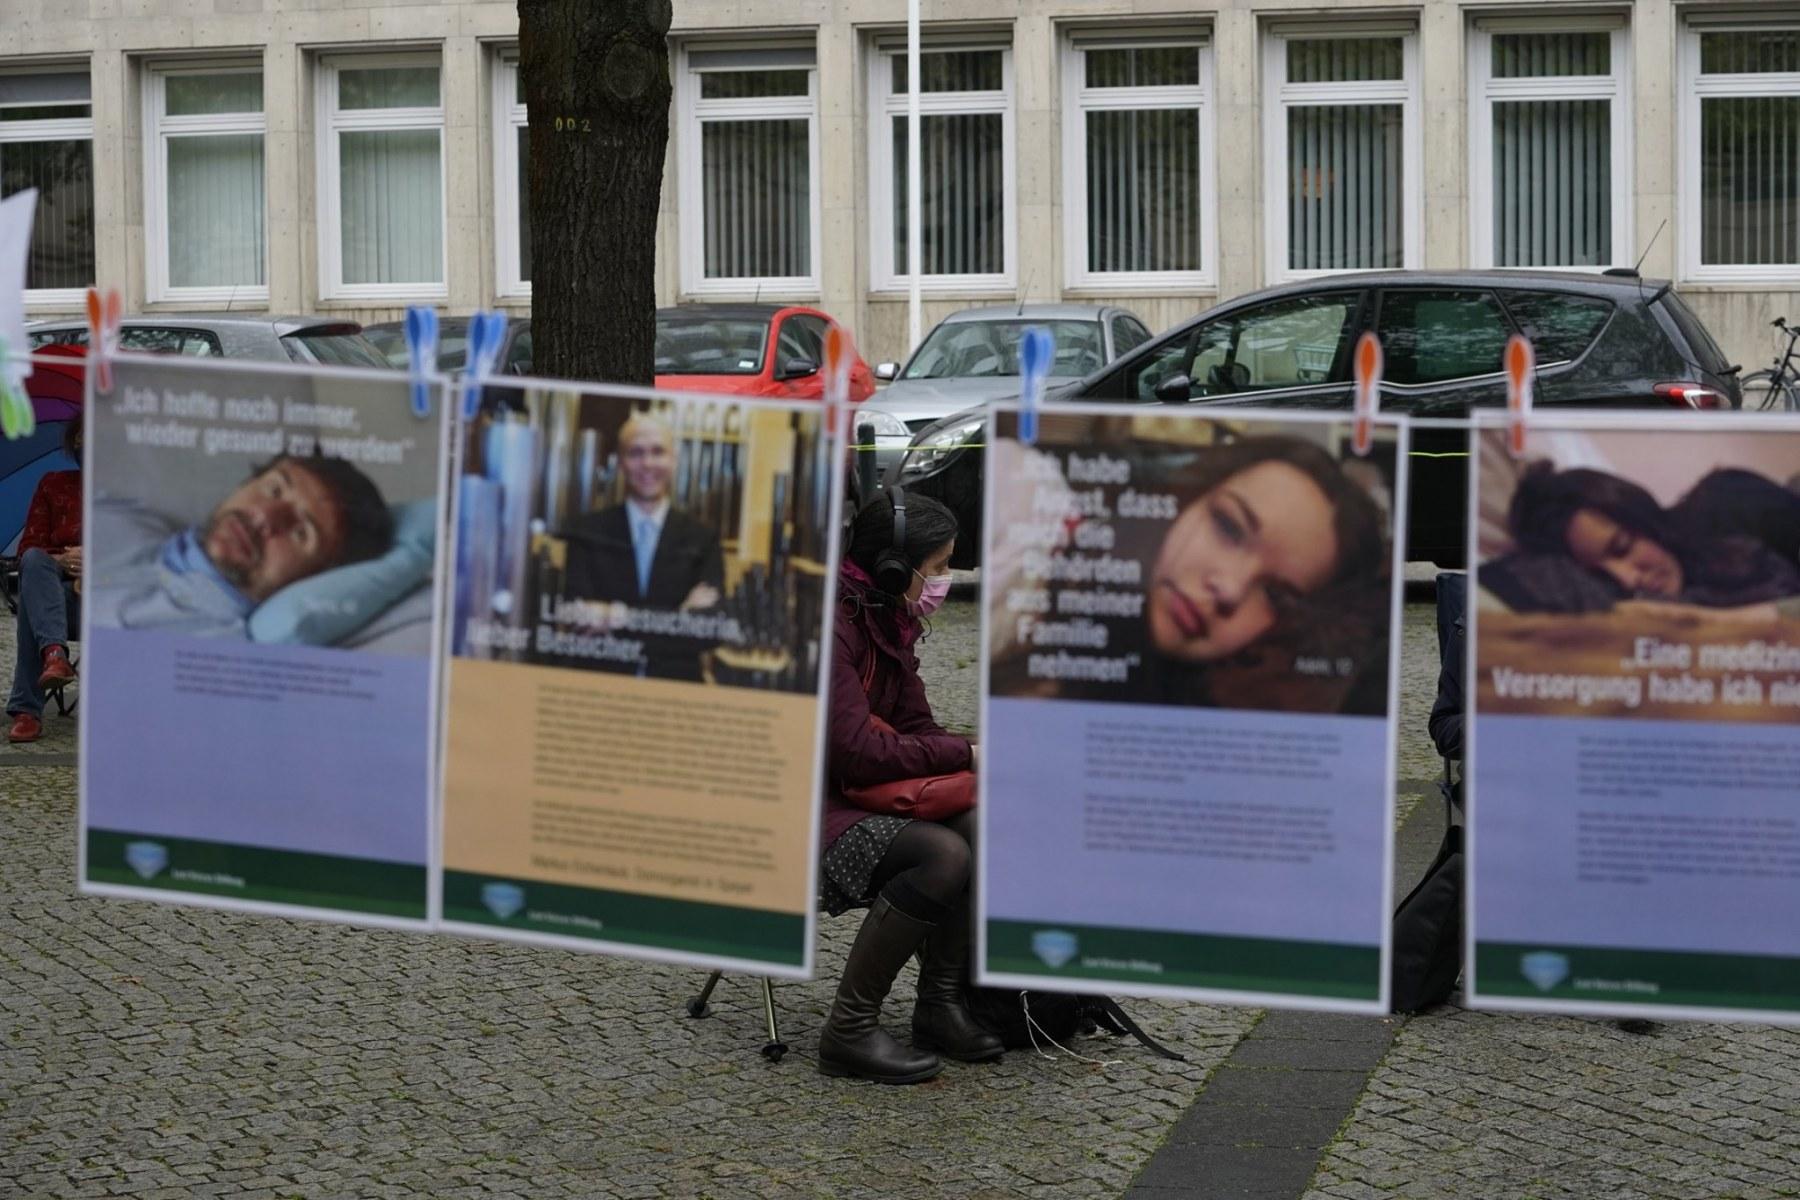 """LVS-Ausstellung """"Leben im Verborgenen"""""""